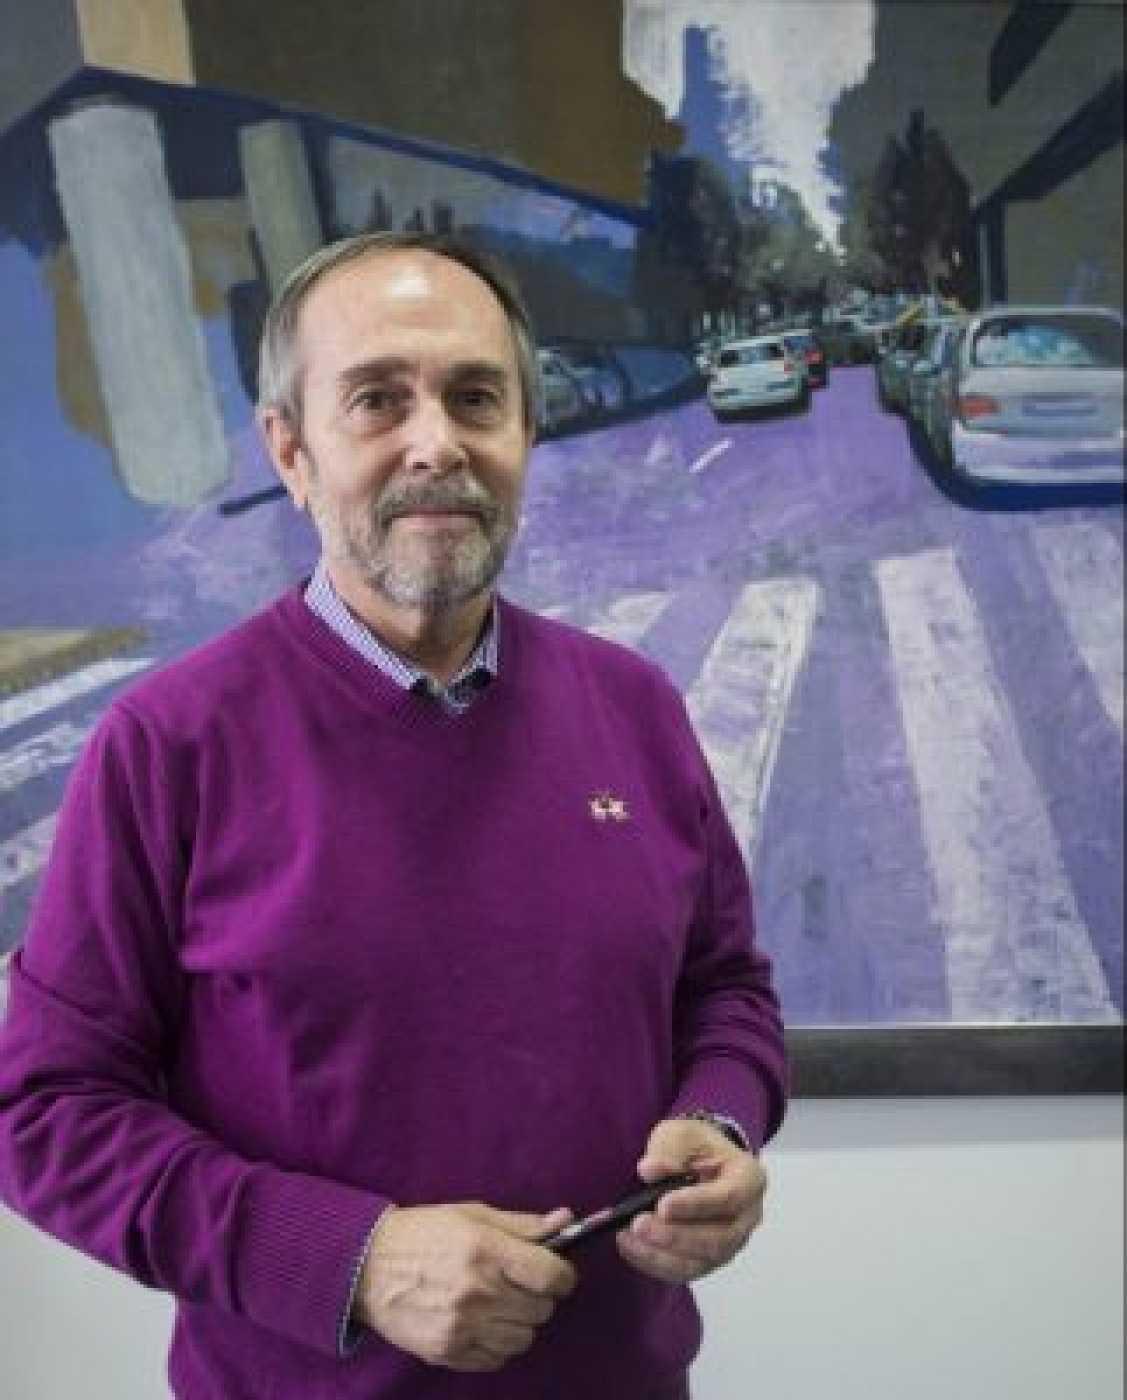 Reducir velocidad en ciudades, medida oportuna y necesaria - 11/05/21